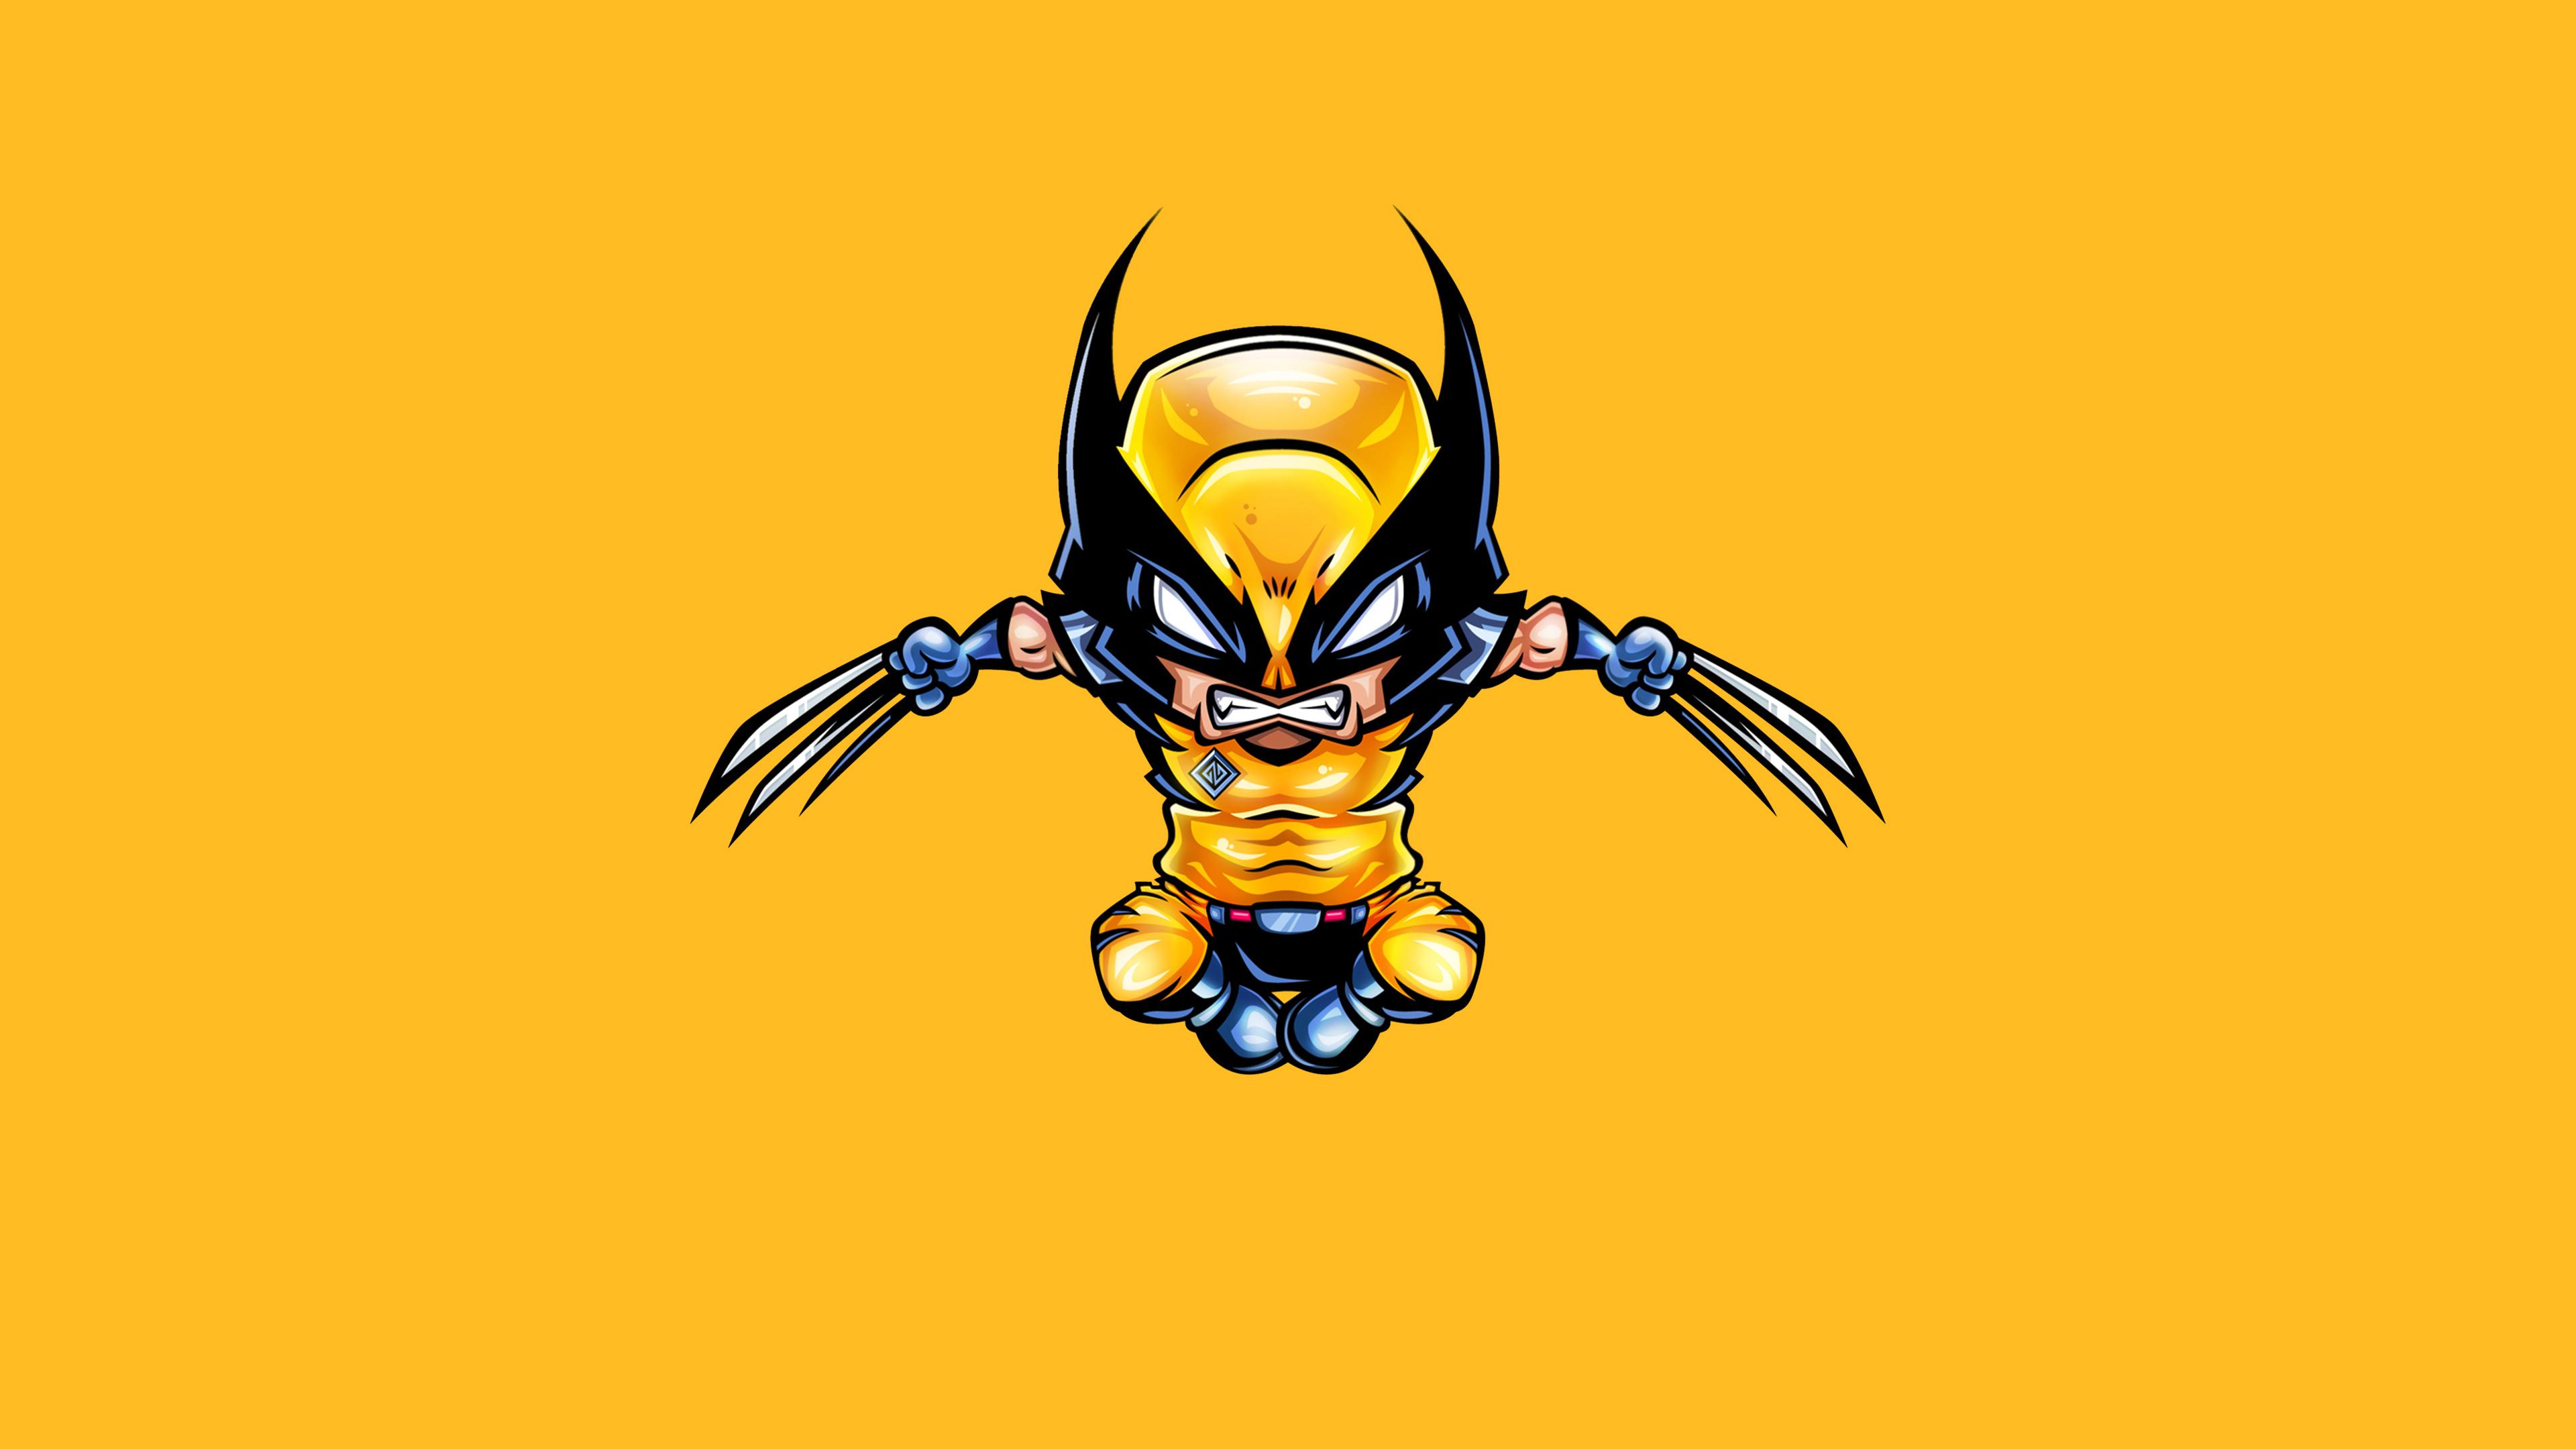 wolverine minimal 1570394565 - Wolverine Minimal - wolverine wallpapers, superheroes wallpapers, hd-wallpapers, artwork wallpapers, artstation wallpapers, 4k-wallpapers